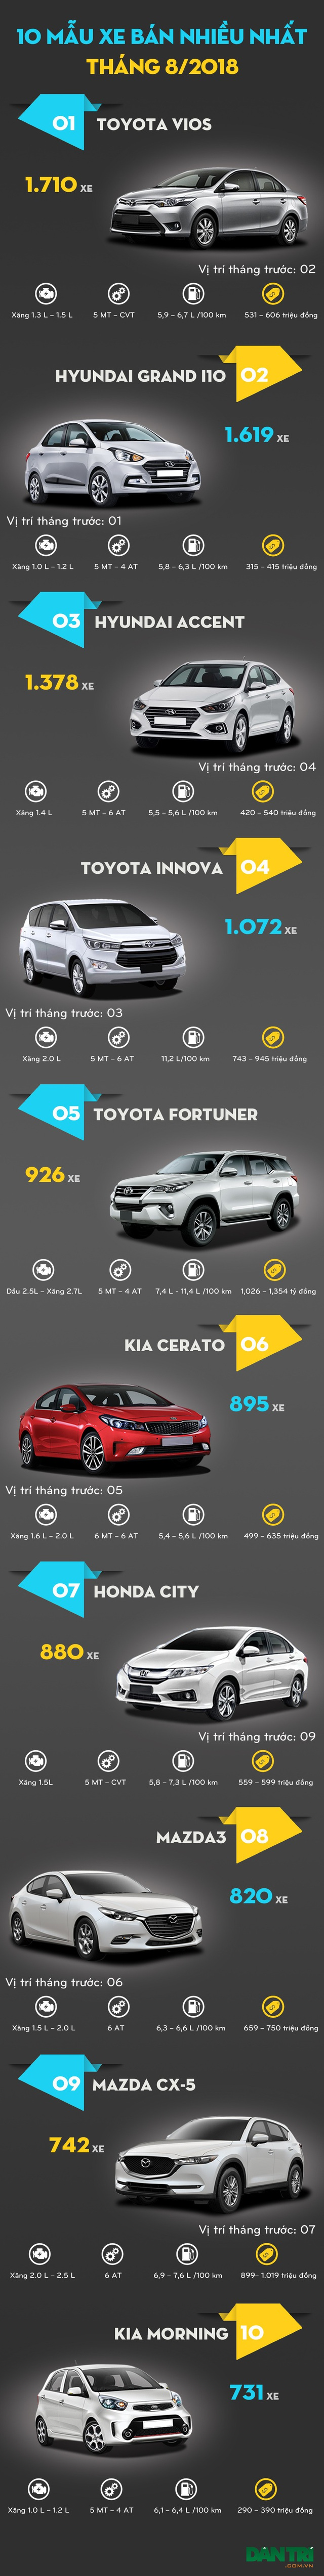 Top 10 mẫu xe bán nhiều nhất tháng 8/2018 - 1